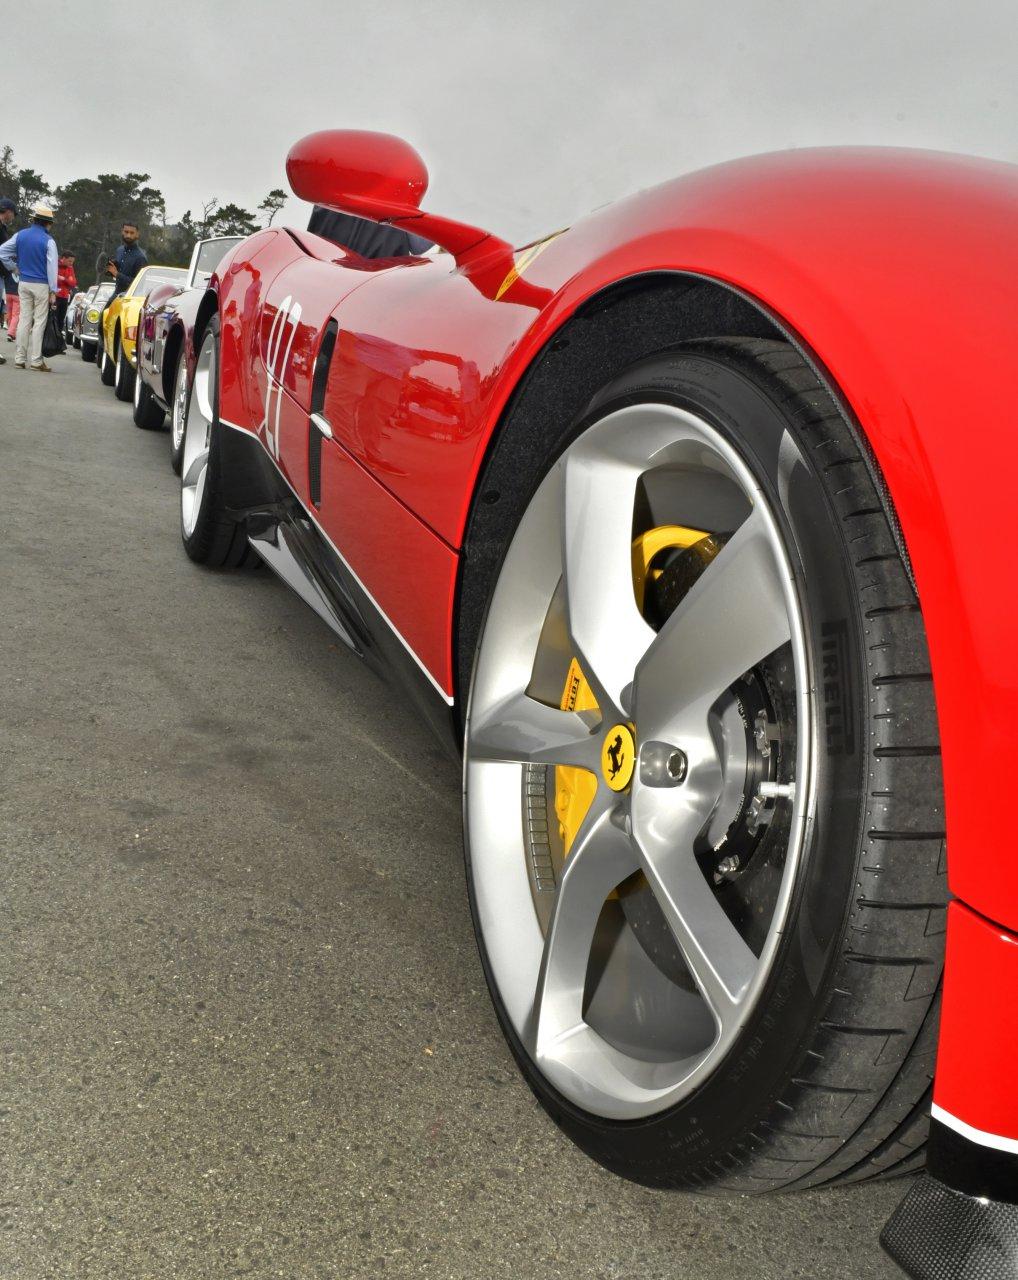 Ferrari, Ah, the sights, sounds and colors of Ferrari exotica, ClassicCars.com Journal